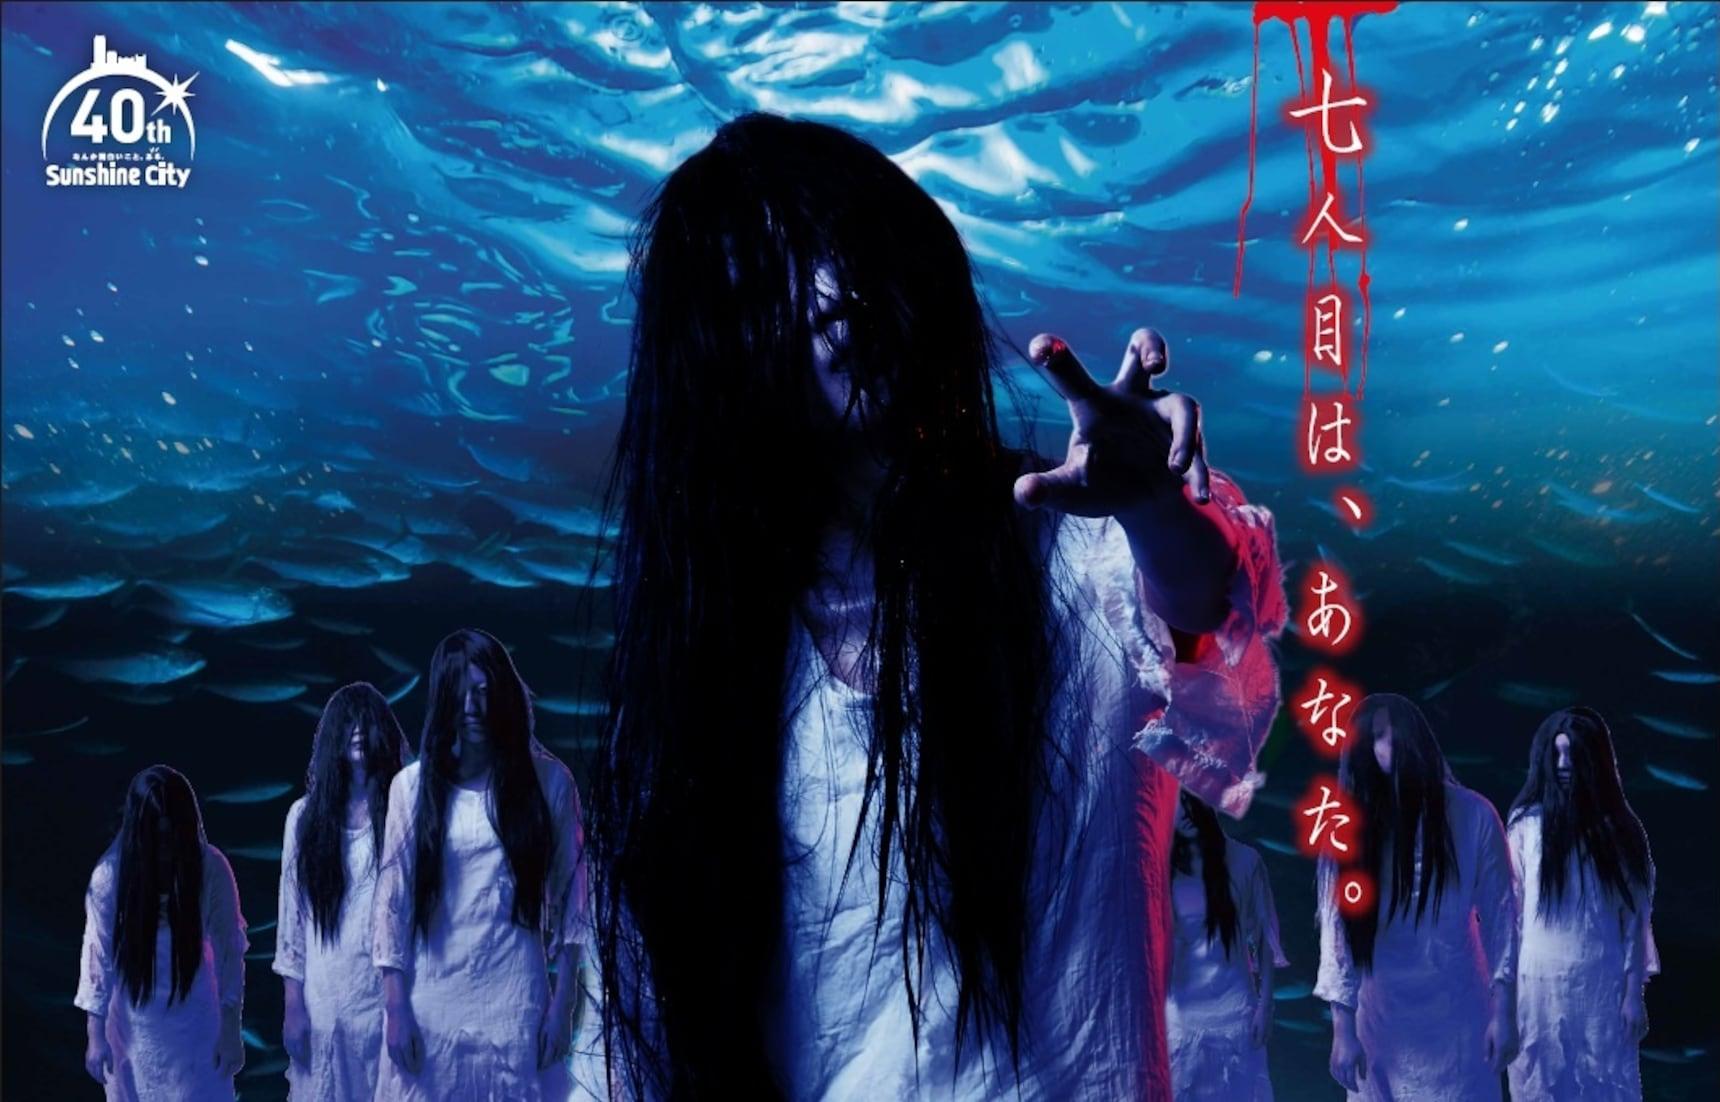 Tokyo Aquarium Offers Spooks & Scares